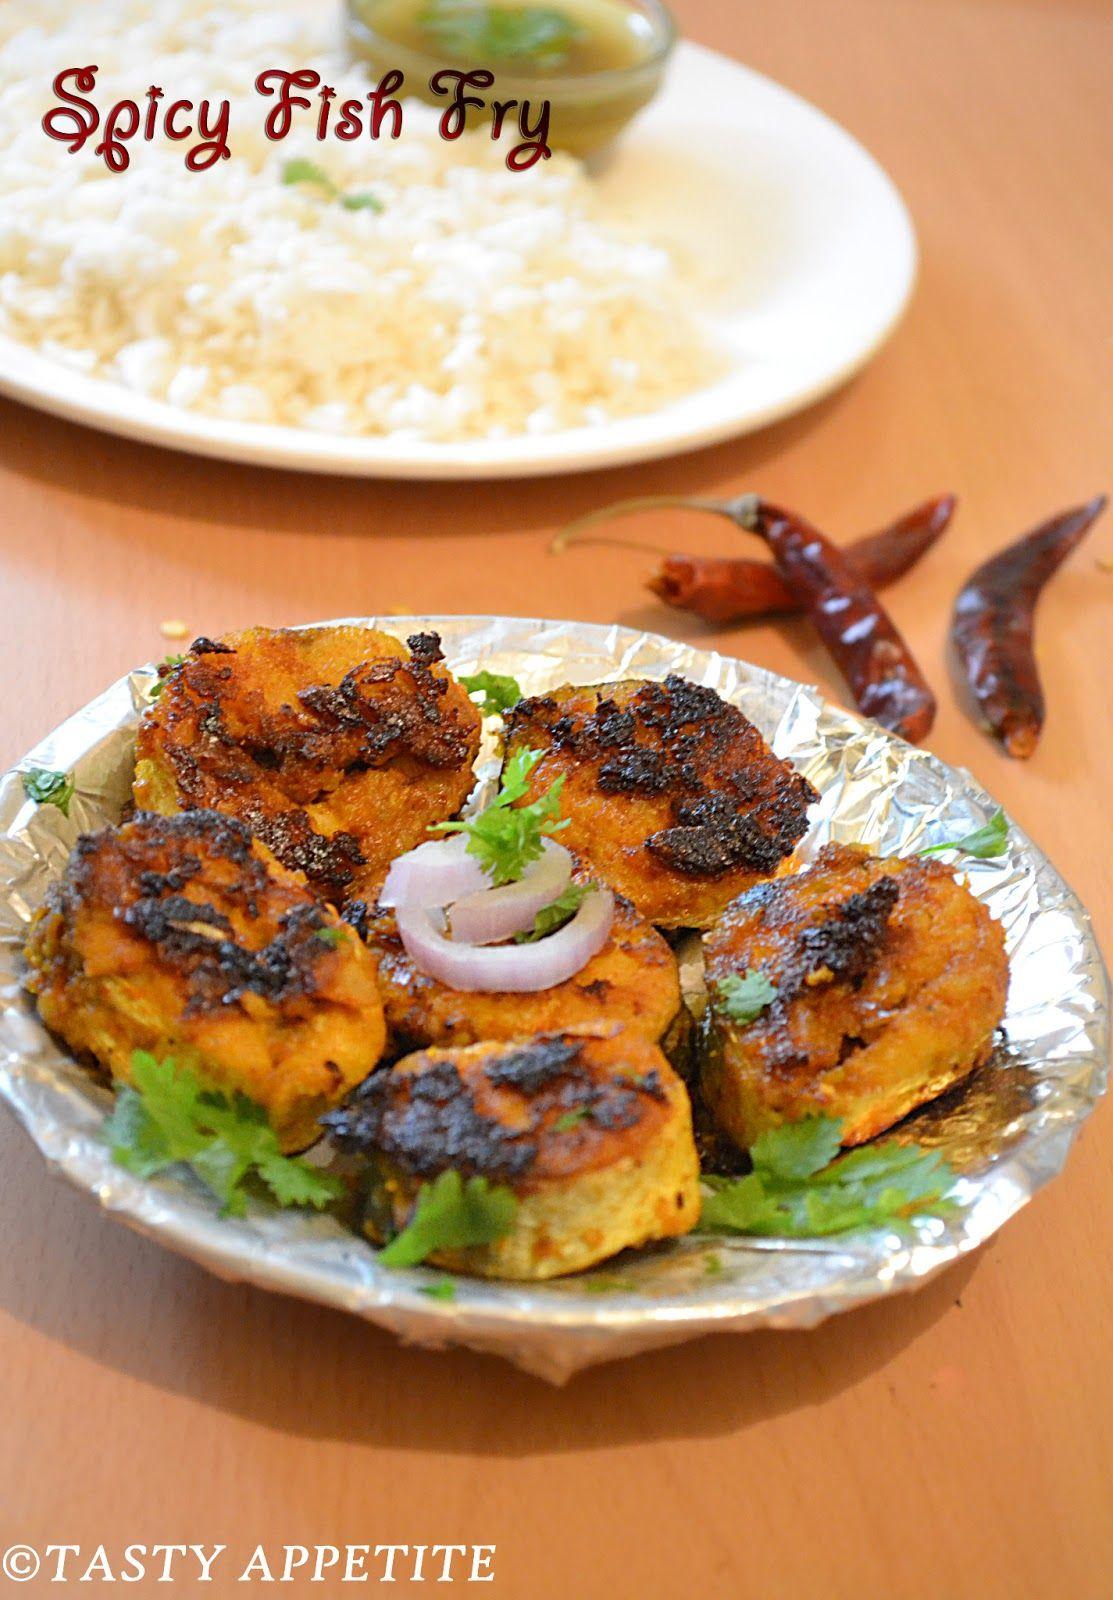 How to make masala fish fry south indian fish fry recipe easy how to make masala fish fry south indian fish fry recipe easy step by forumfinder Choice Image